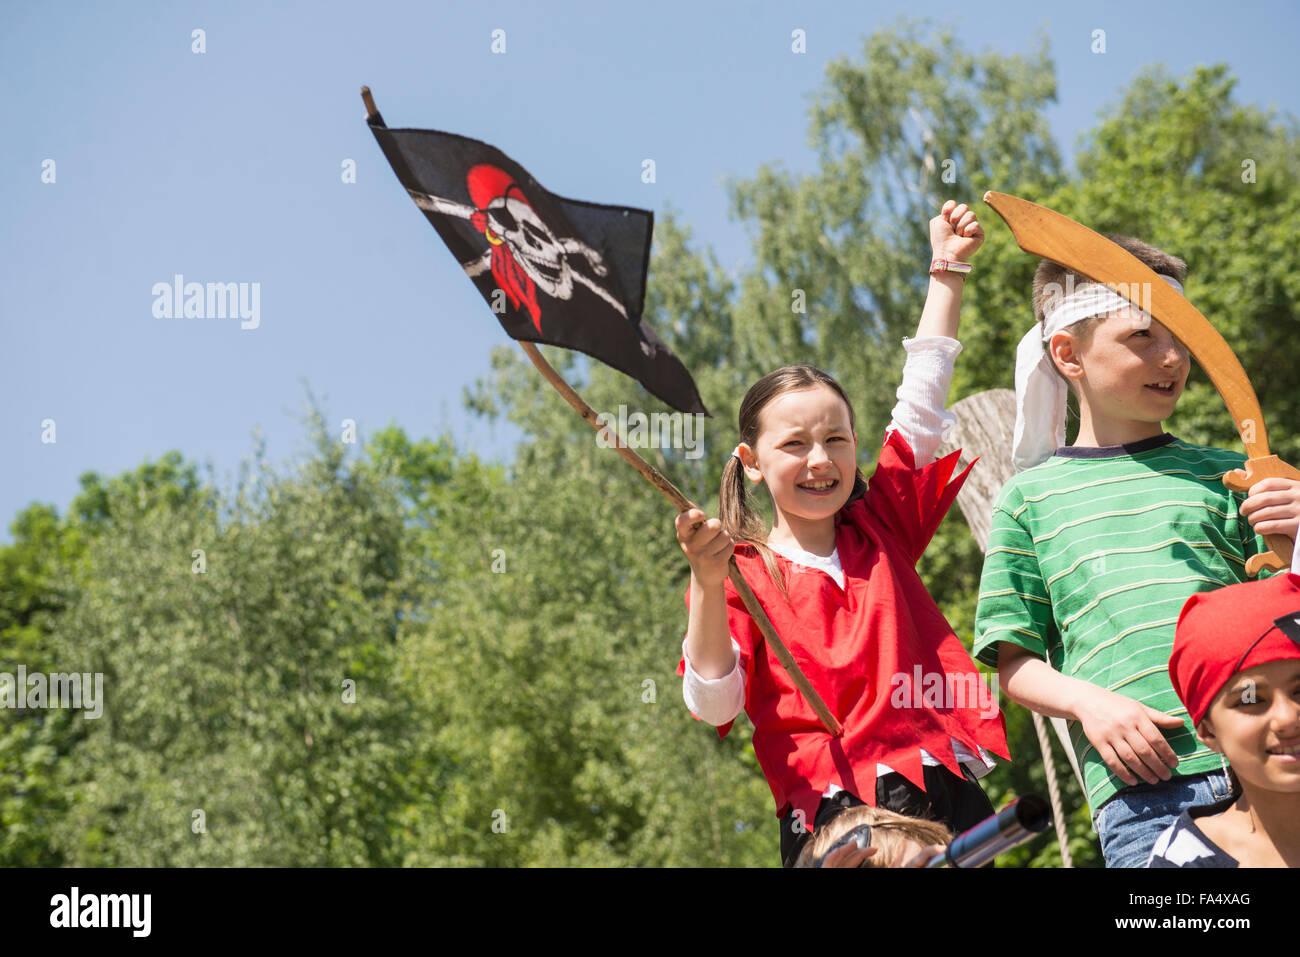 Chica sujetando la bandera pirata con sus amigos en juegos de aventura, Baviera, Alemania Imagen De Stock